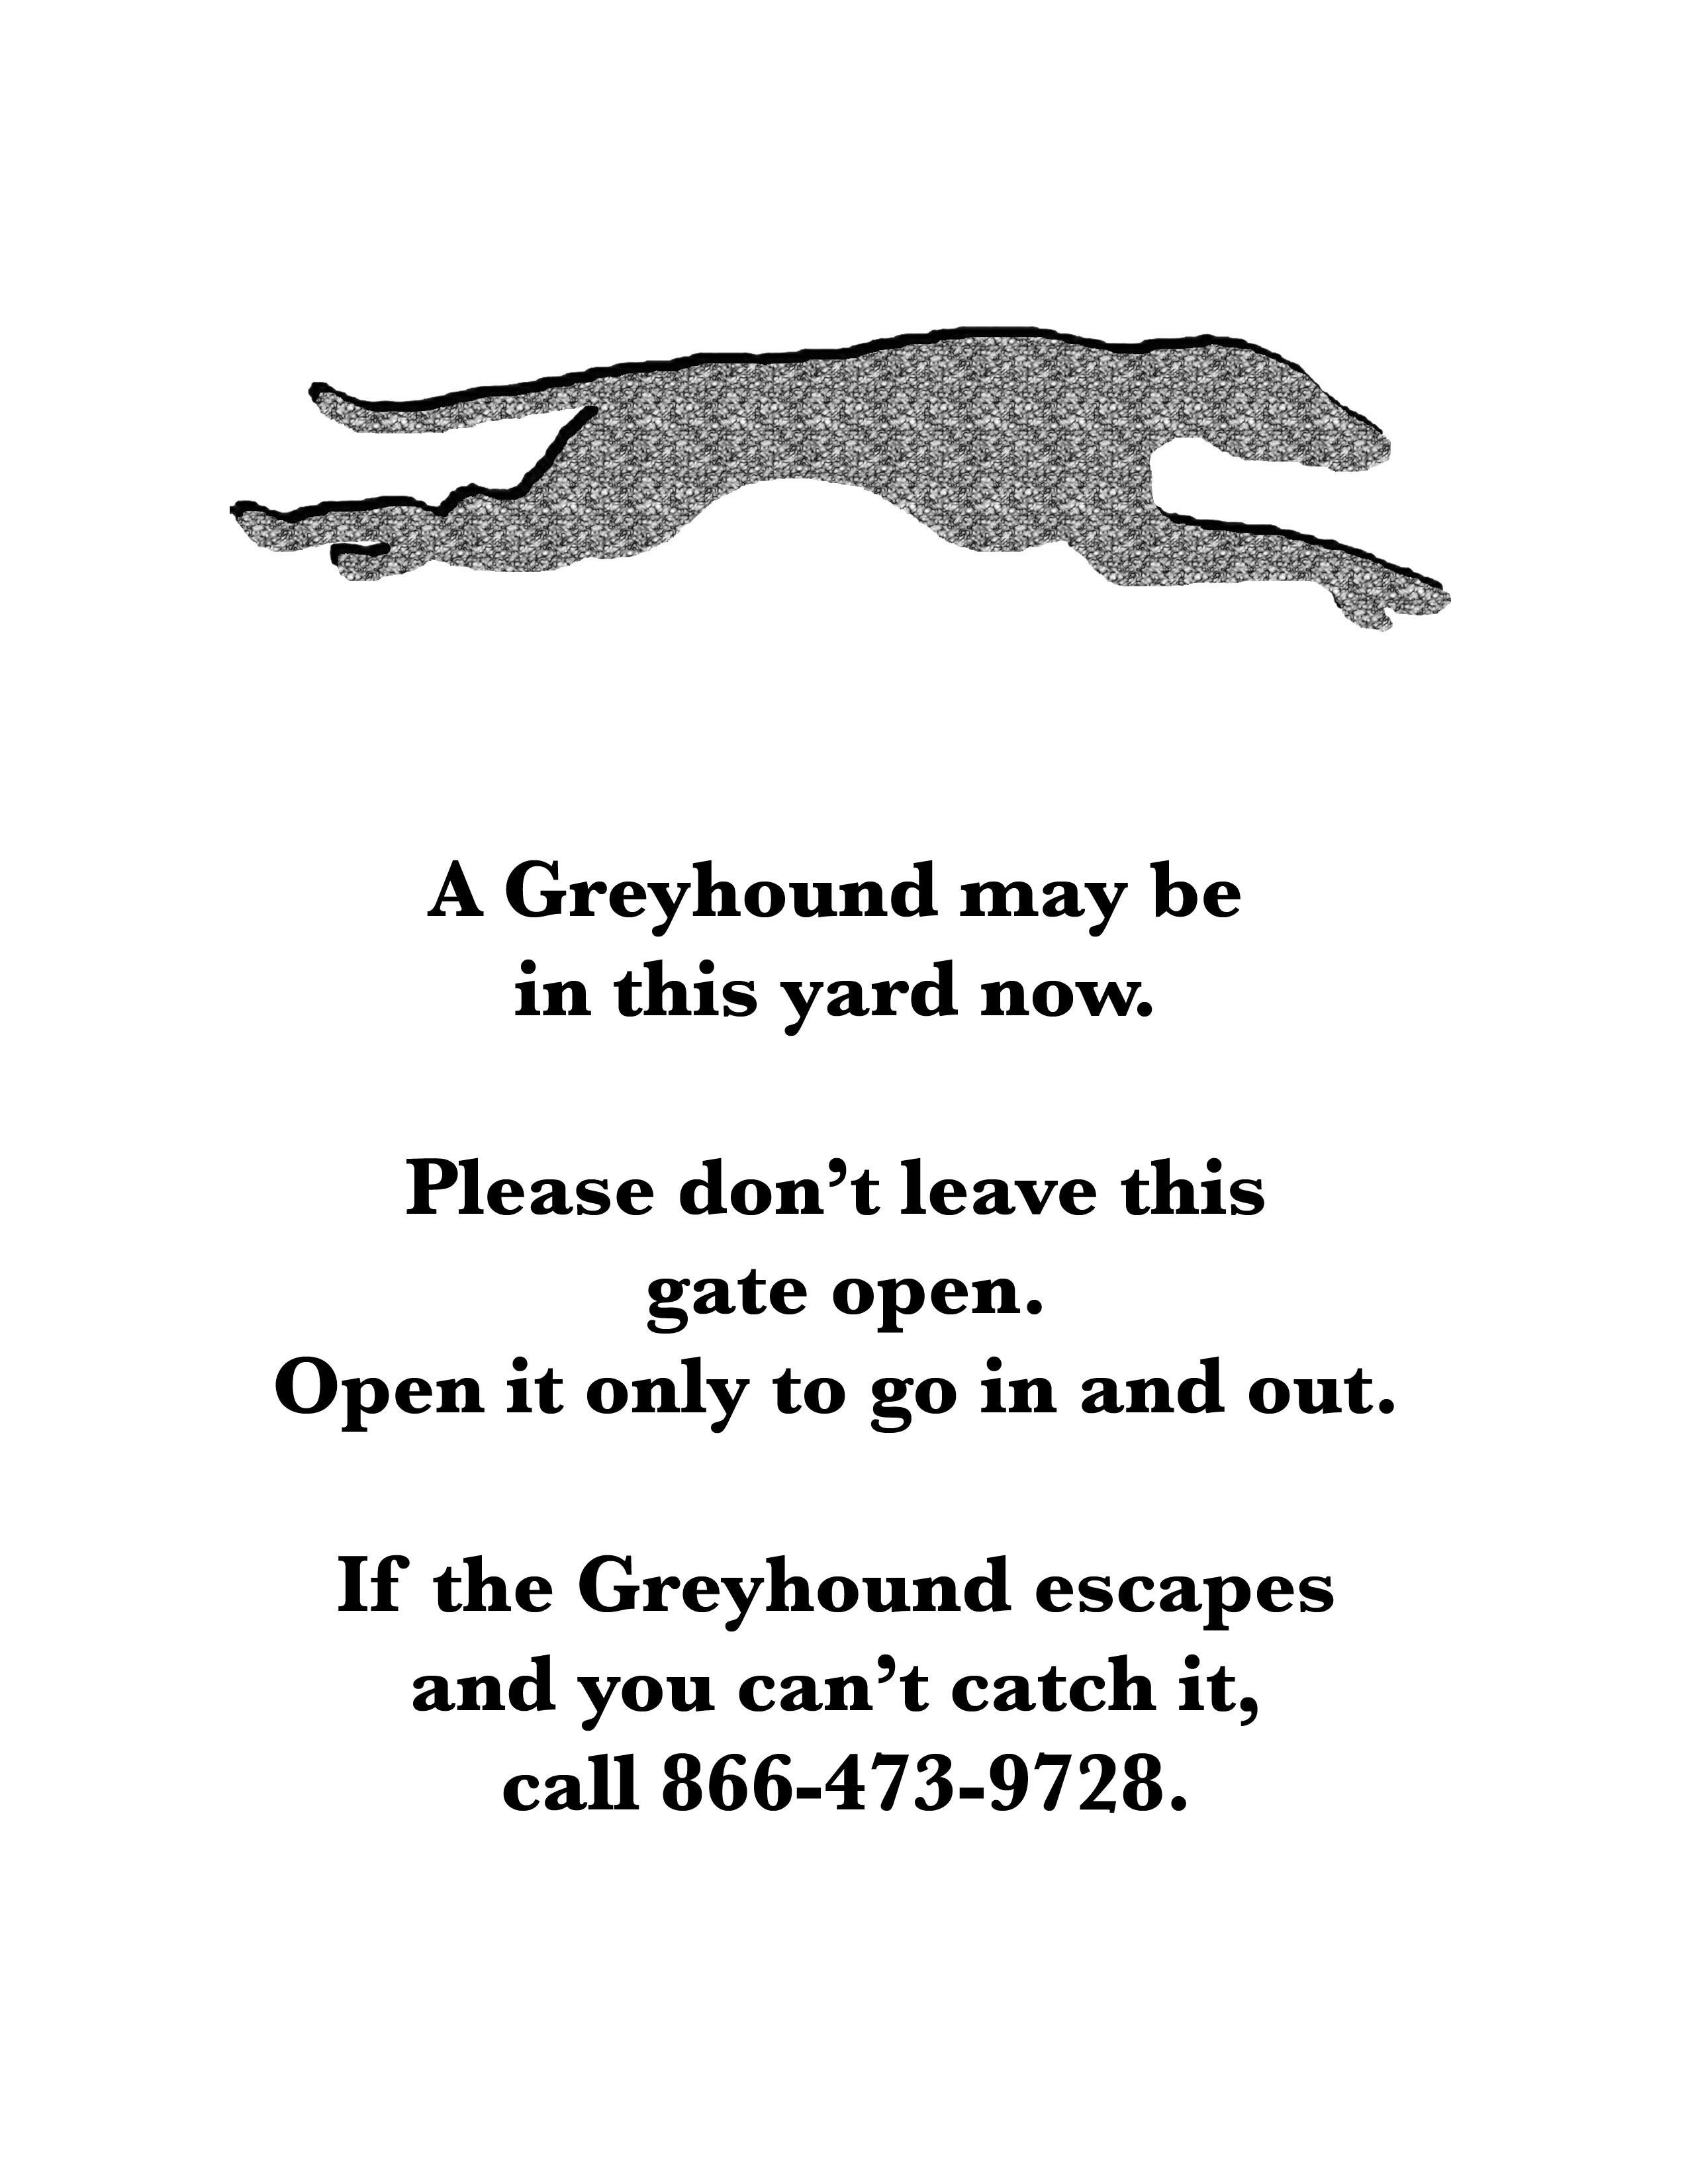 Lost Greyhound